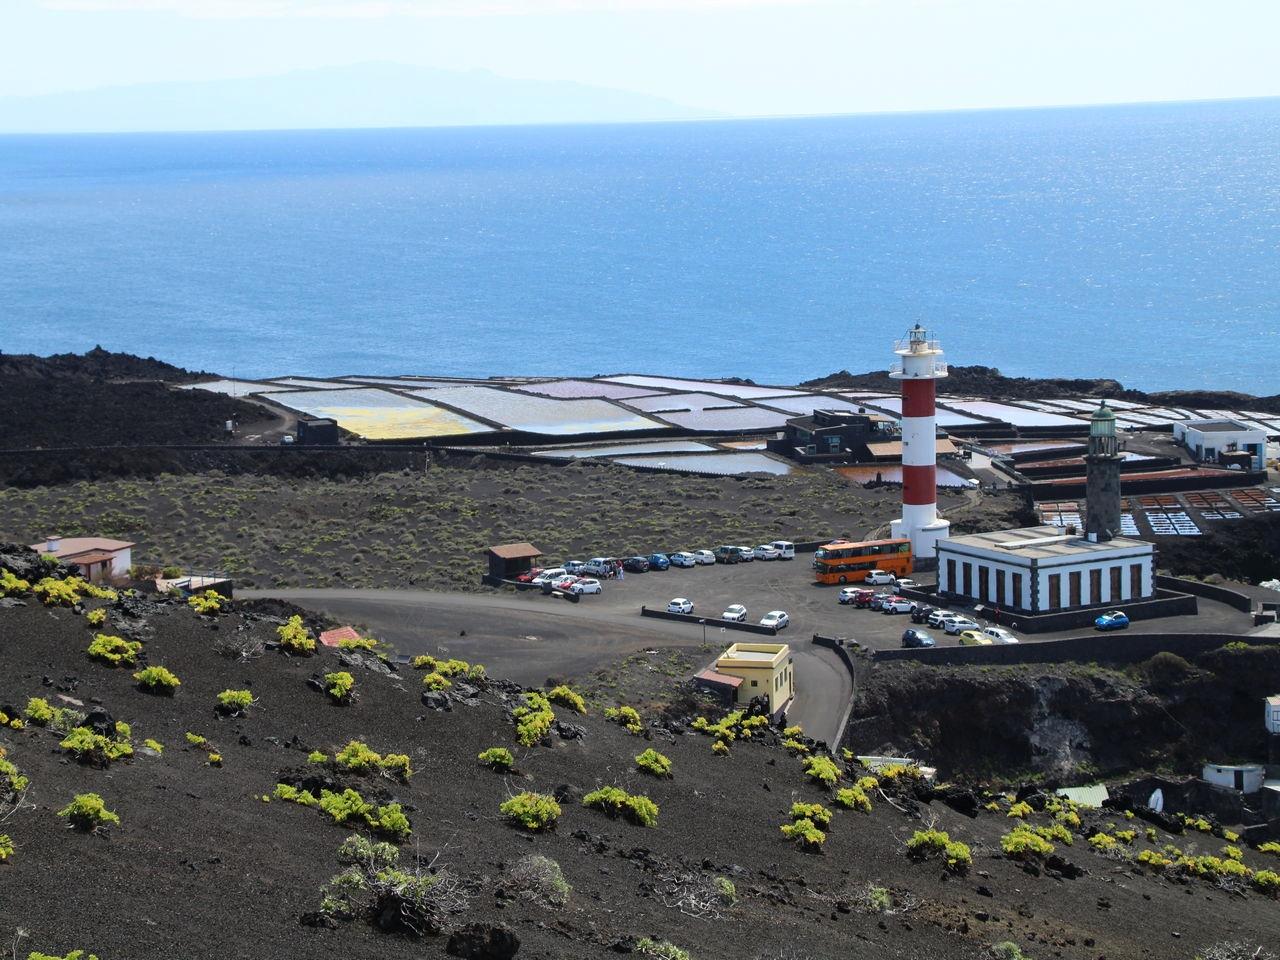 El final de la Ruta de los Volcanes con el faro y las salinas de Fuencaliente de fondo.